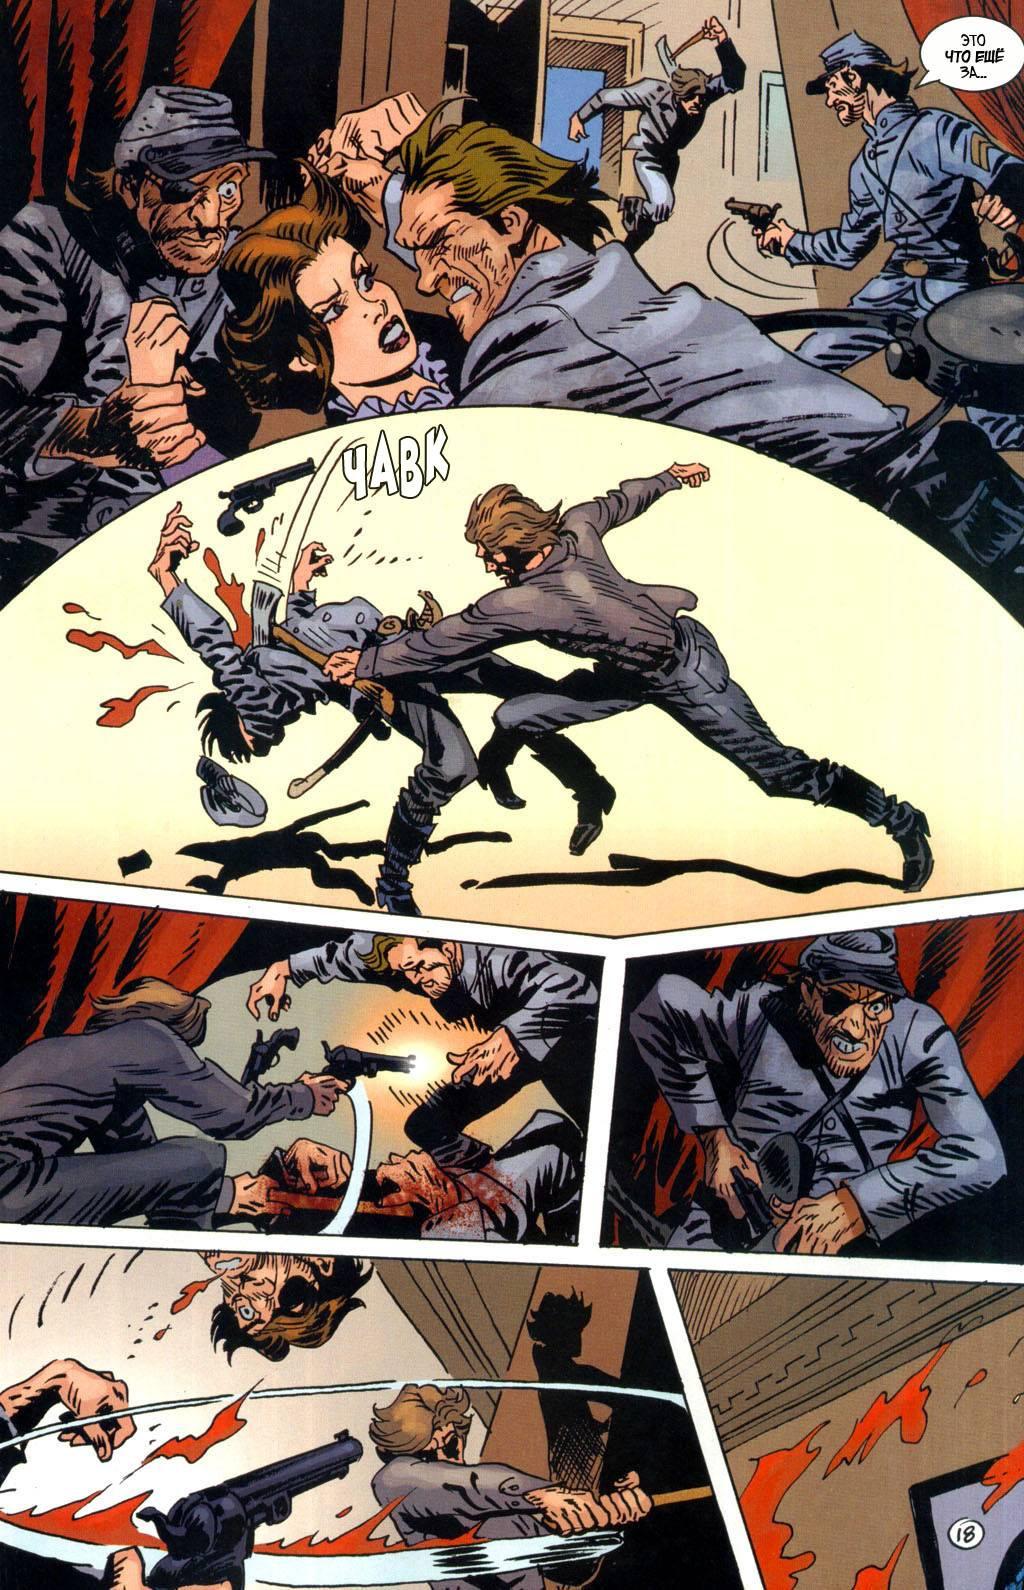 xman comic book tv tropes - HD1024×1590